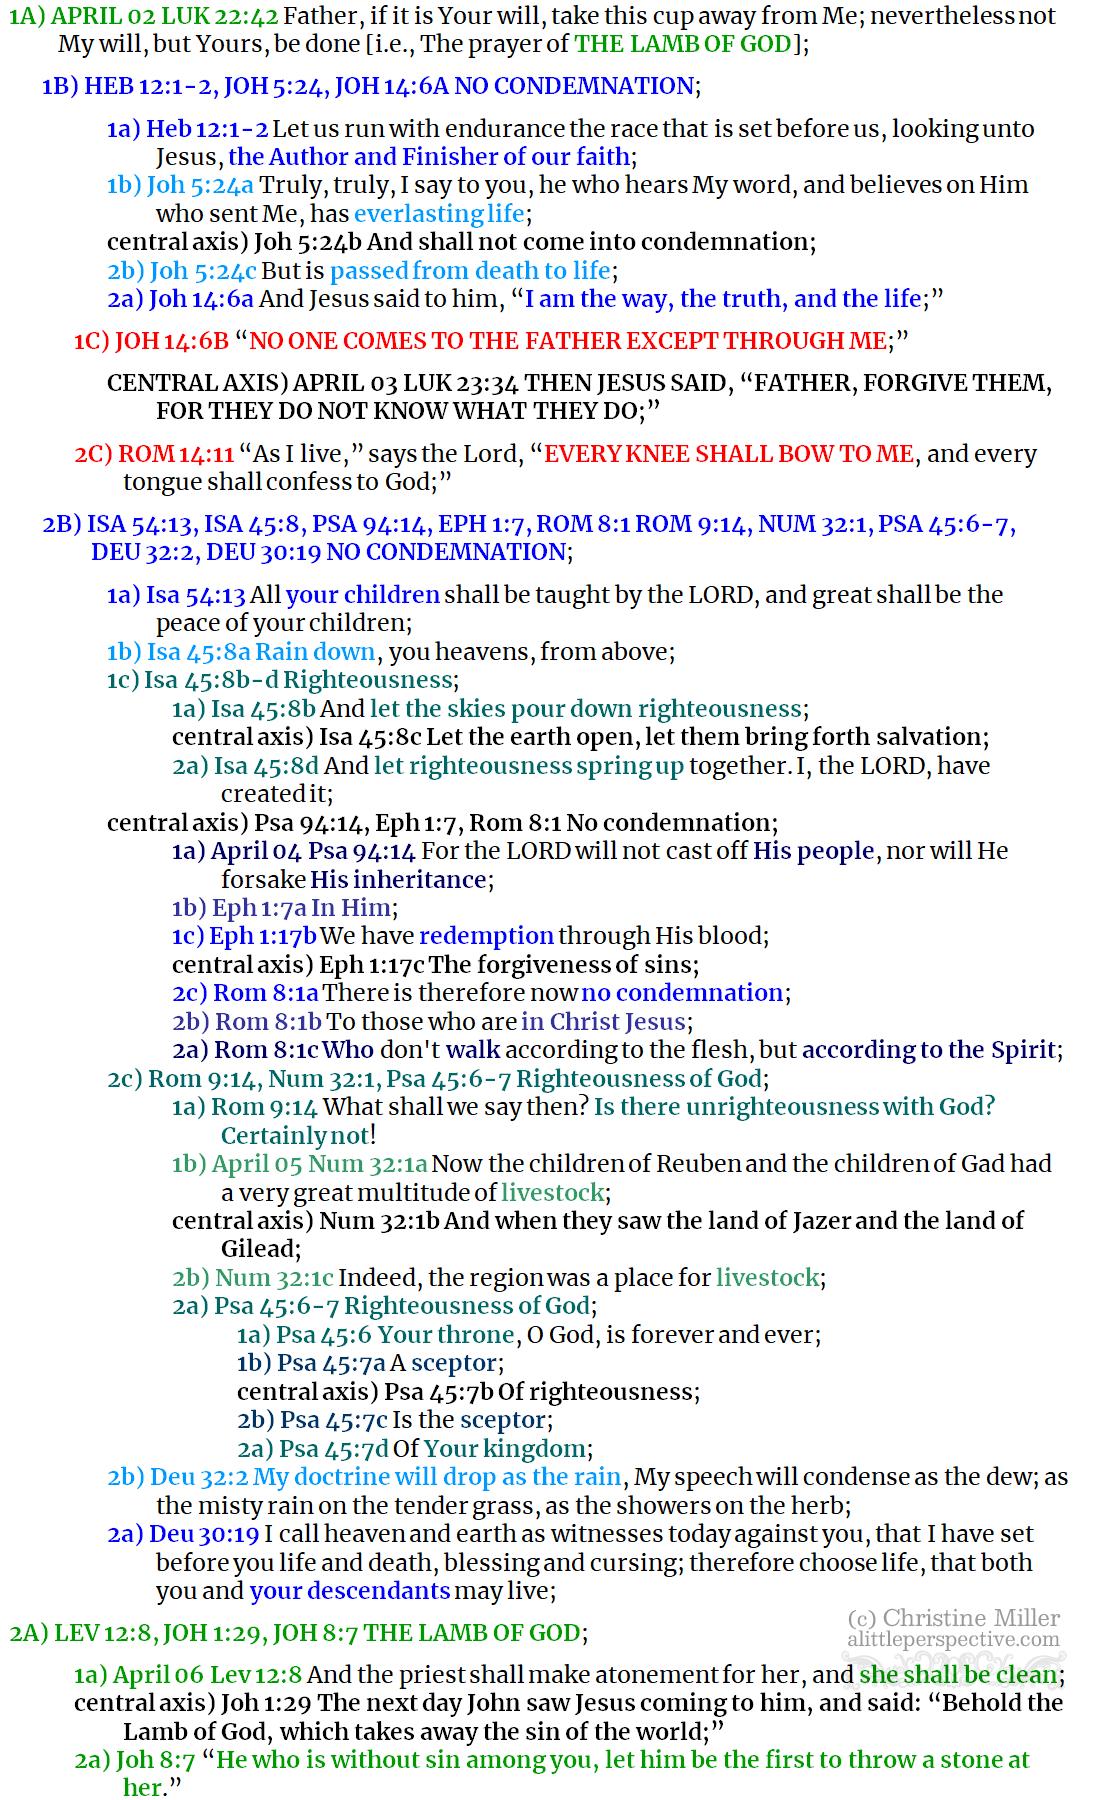 April 02-06 2019 shabbat prophetic | alittleperspective.com